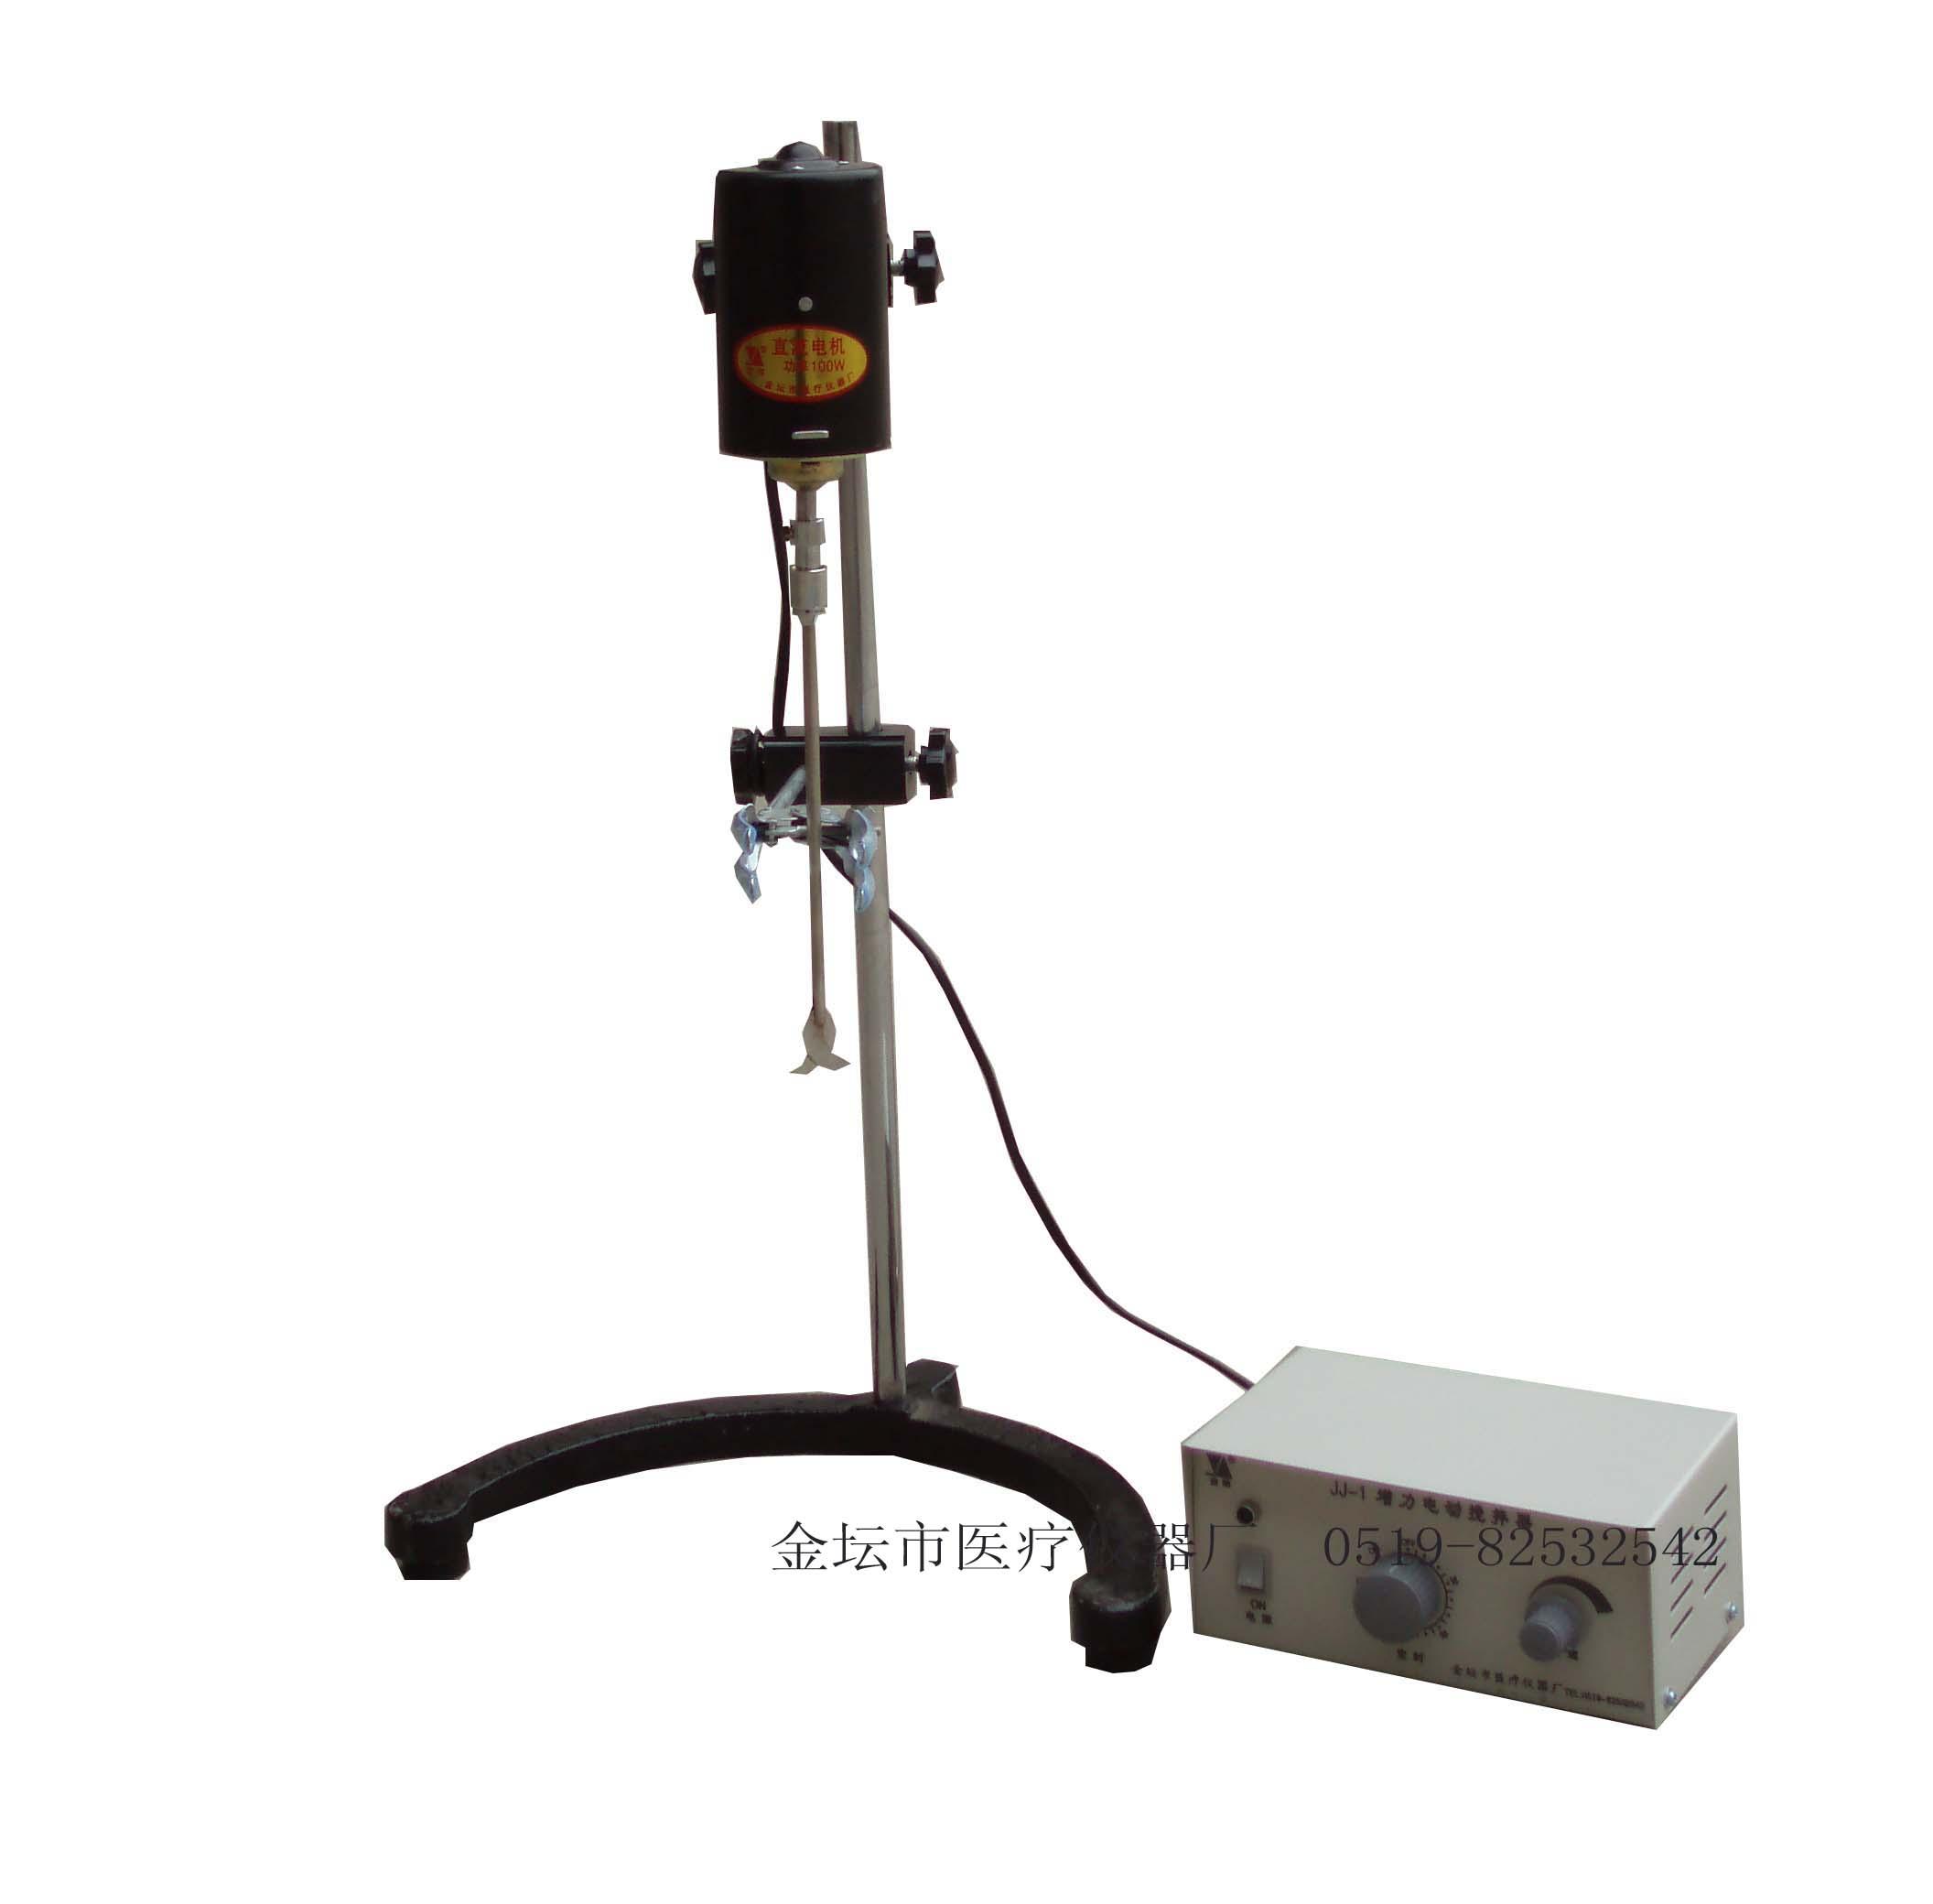 江苏金坛JJ-1 300W增力电动搅拌器